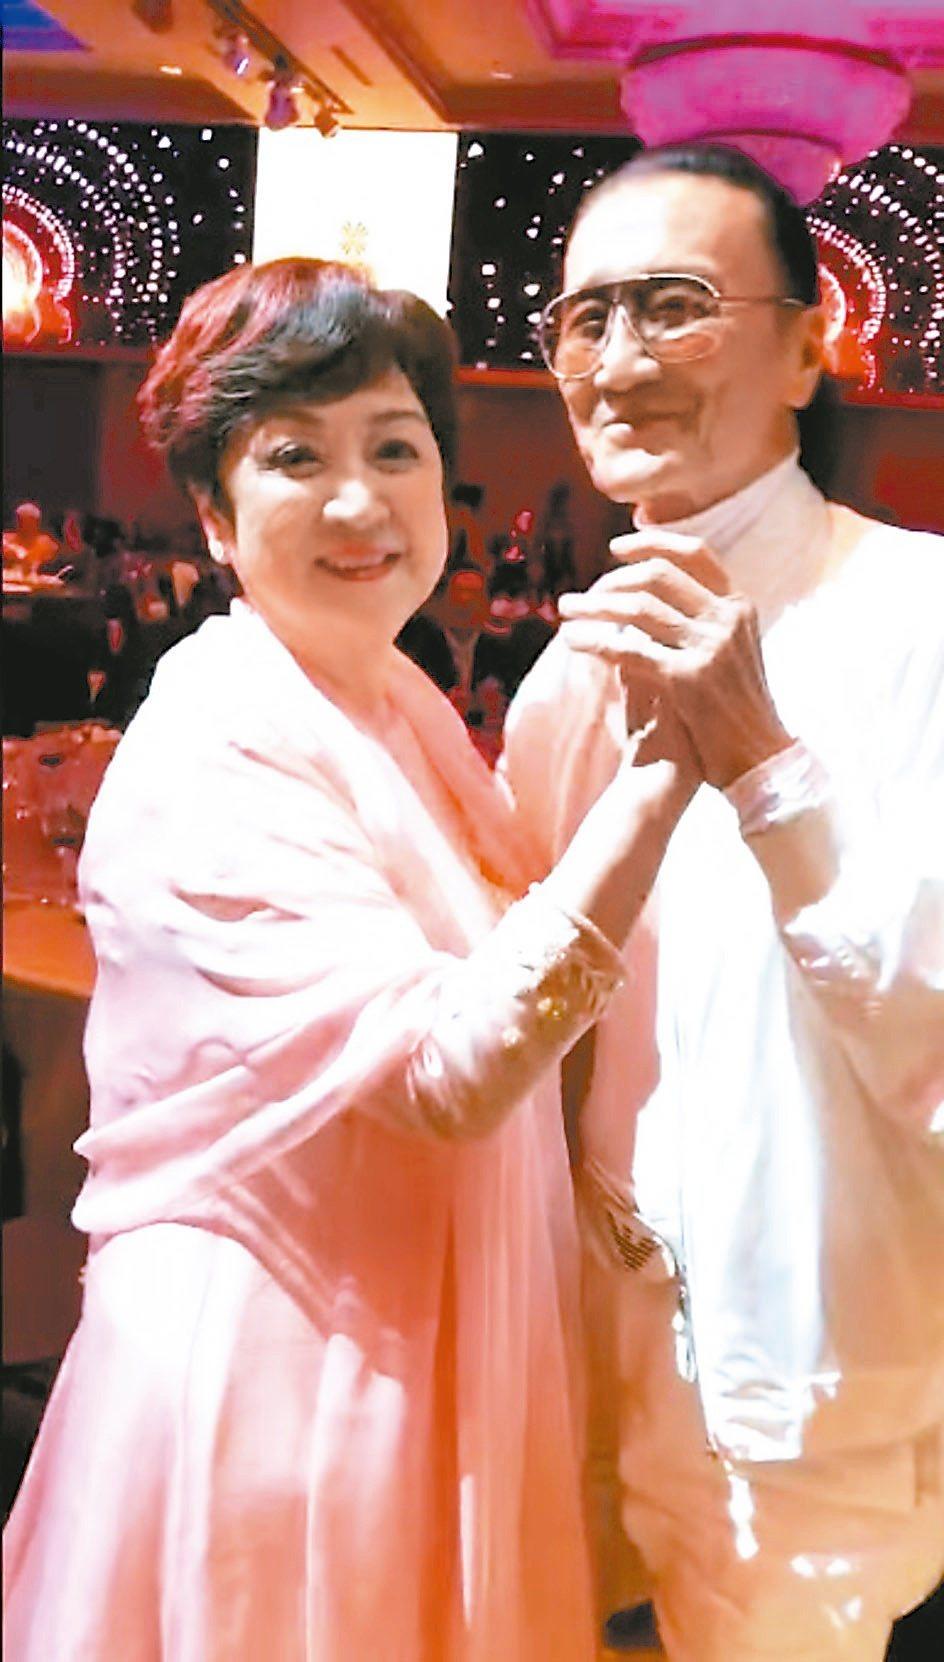 甄珍與謝賢近日恢復往來,在影展星光大道後的感恩晚宴上攜手共舞。圖/翻攝自臉書